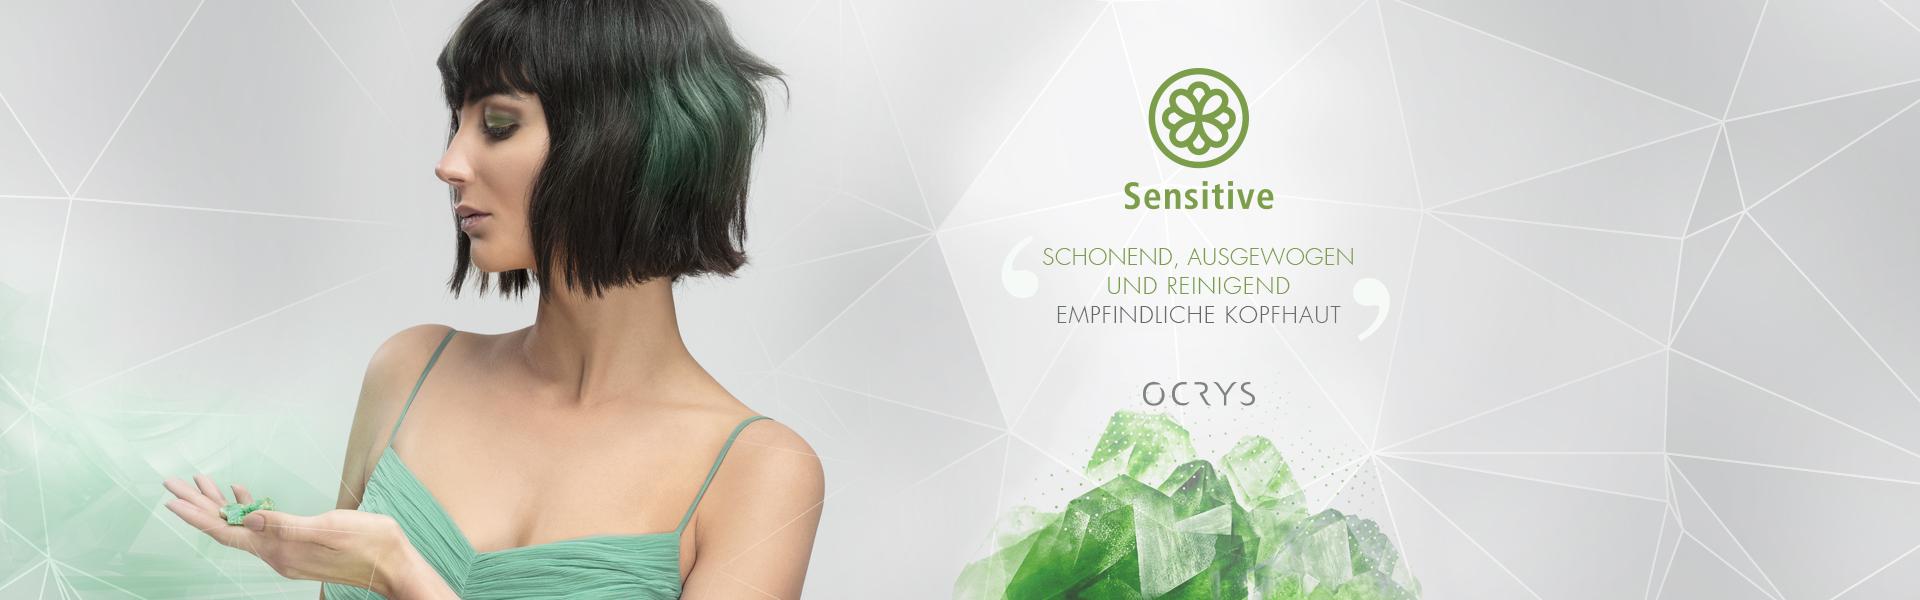 banner_centrali_SENSITIVE_DE